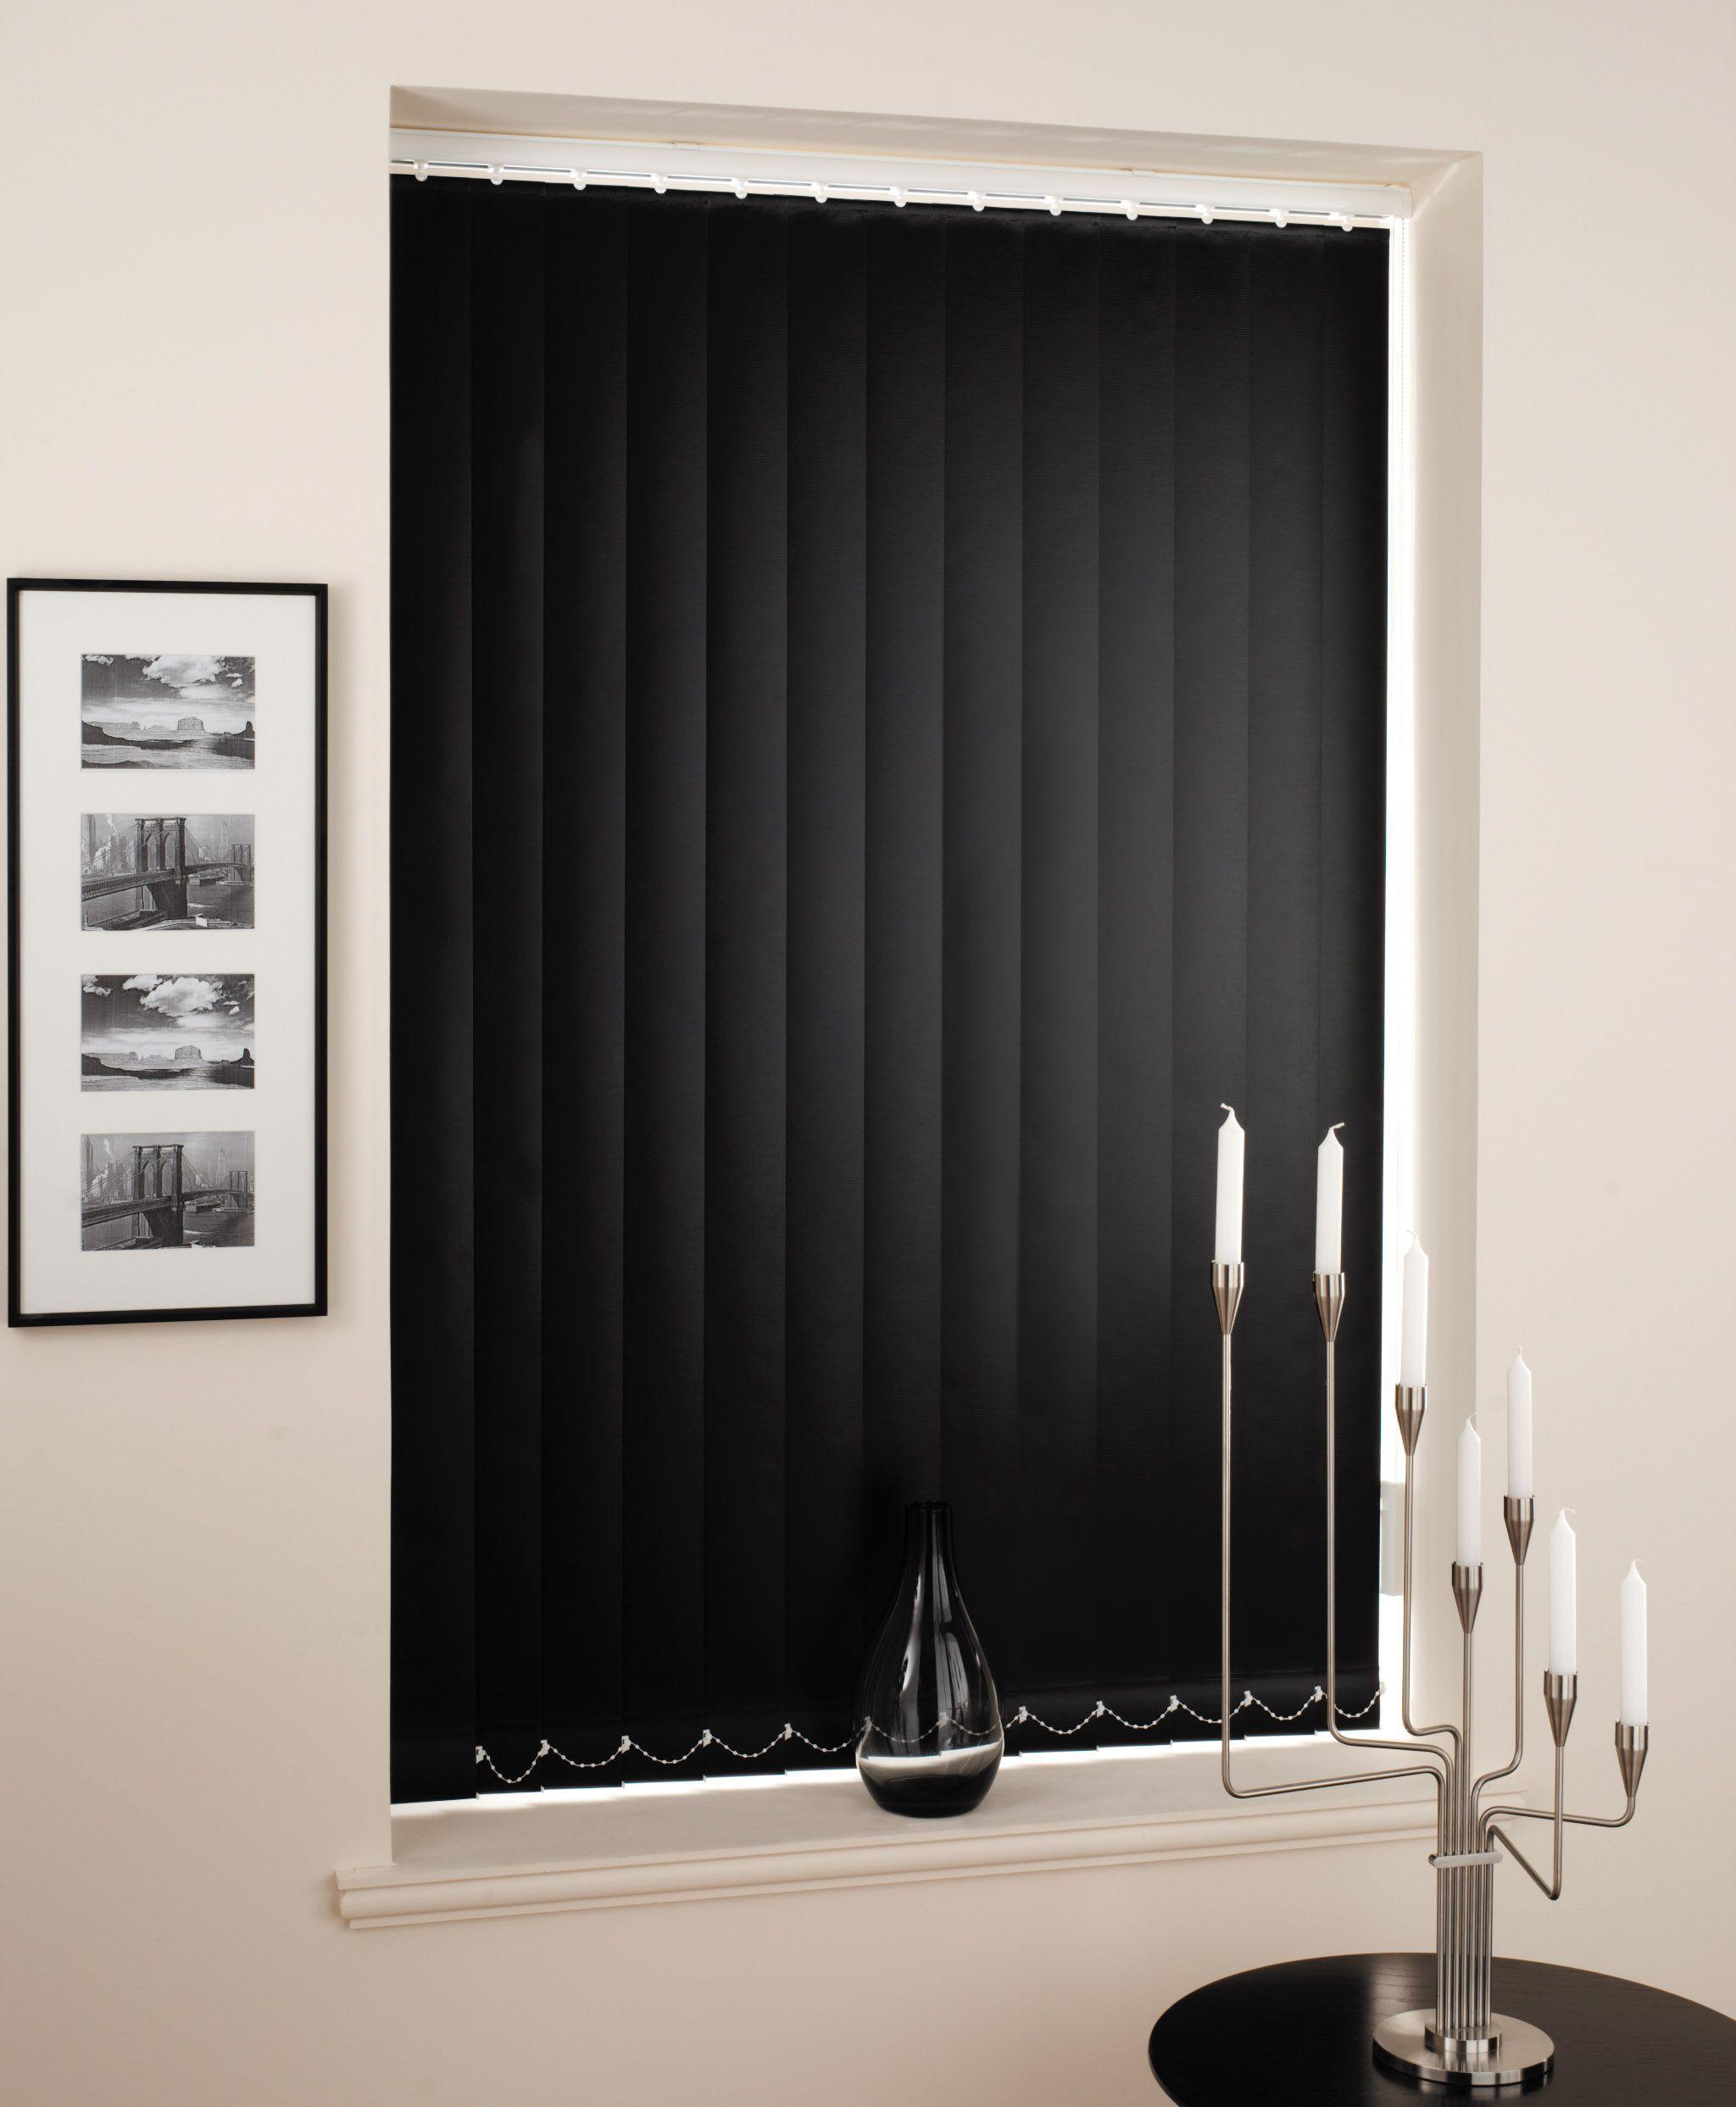 fabric vertical blinds versatile and lightweight